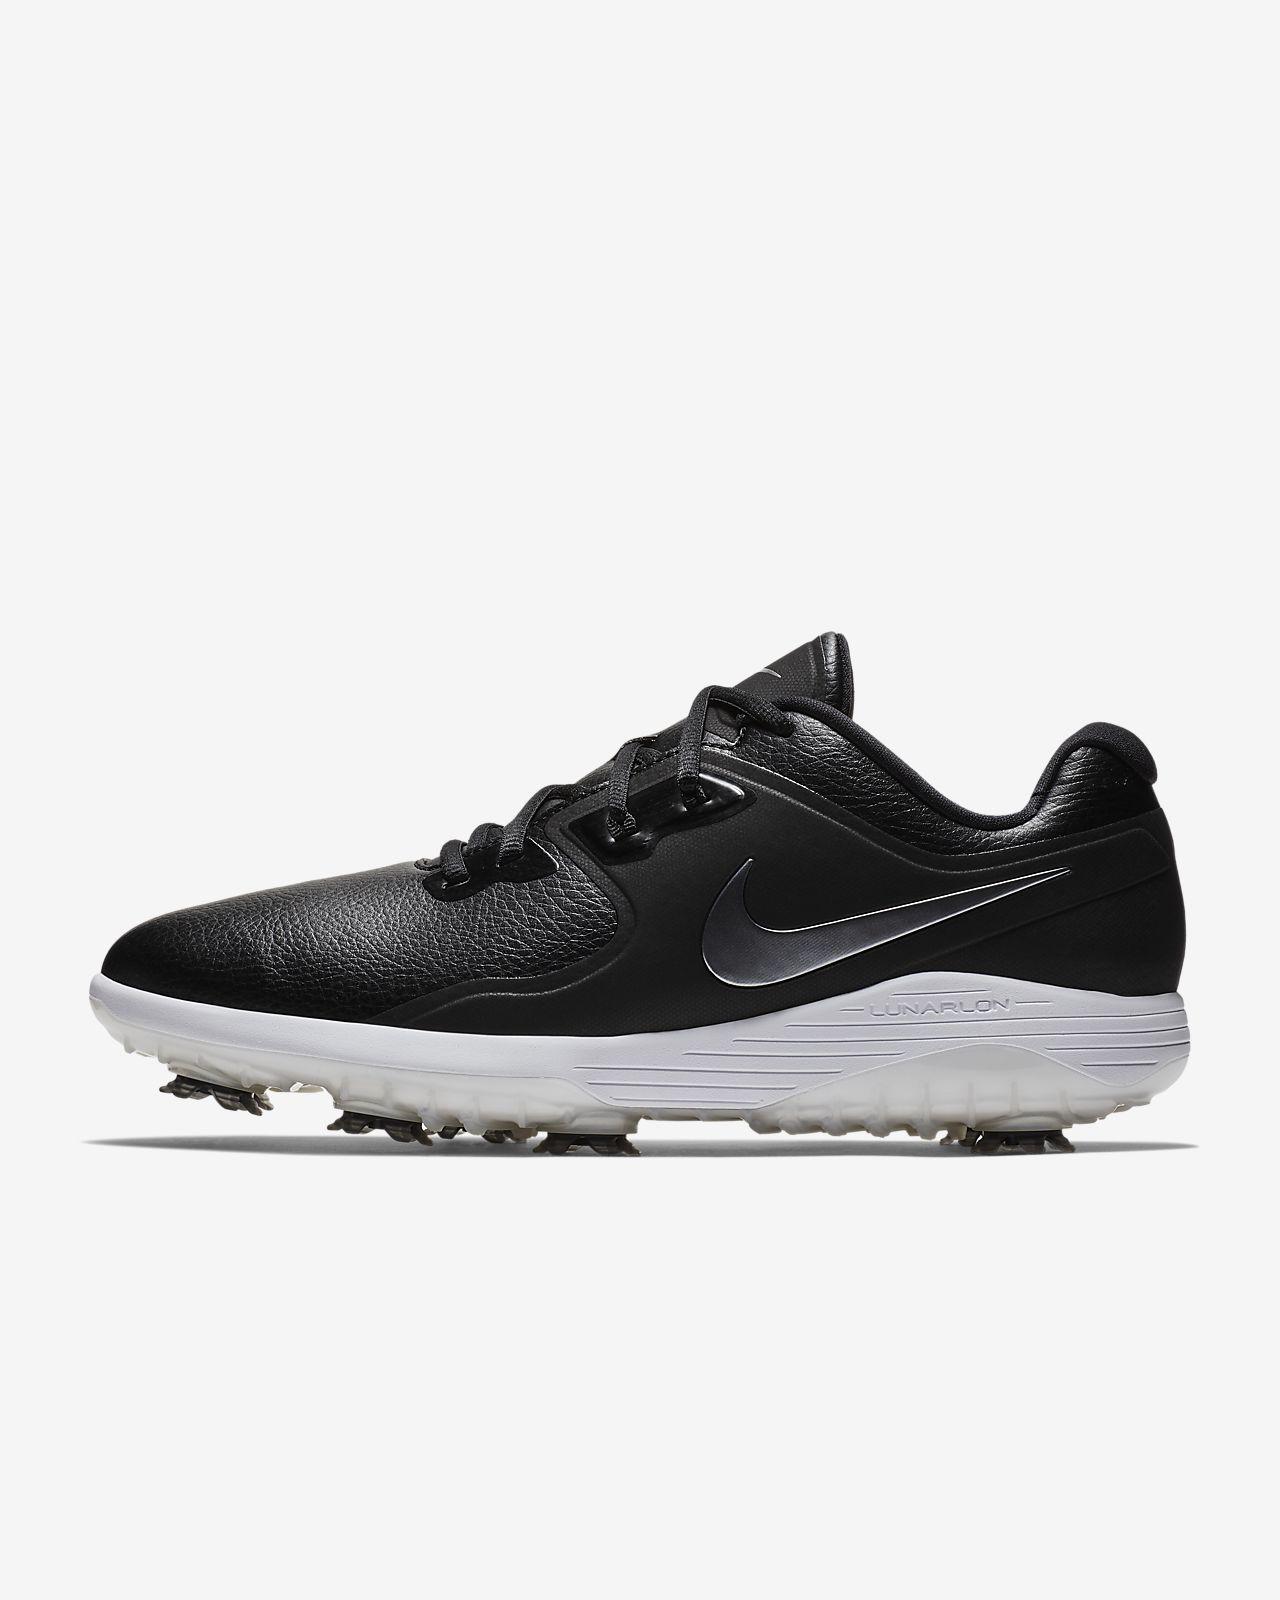 2nike golf zapatos hombre